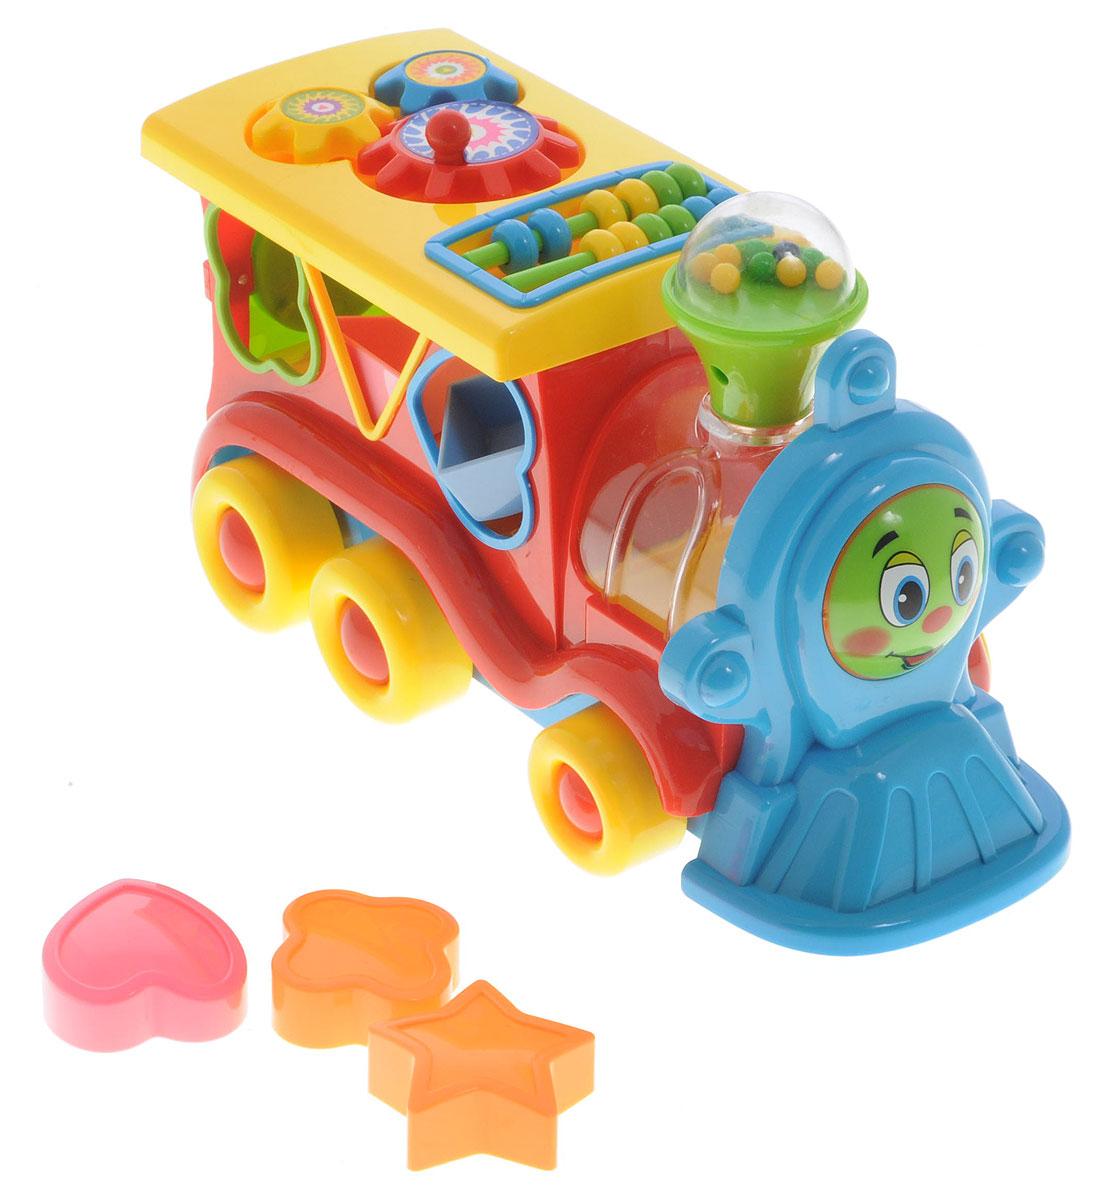 Умка Развивающая игрушка Обучающий паровозик цвет красныйB746947-R_красныйРазвивающая игрушка Умка Обучающий паровозик - лучший подарок для маленького ребенка. Ваш малыш разовьет музыкальные и сенсорные способности, наглядно-образное мышление и логико-математические способности. Звук паровоза и песня не дадут скучать малышу. Играя с фигурами, он разовьет мелкую моторику и тактильные ощущения. Необходимо купить 3 батарейки напряжением 1,5V типа ААА (не входят в комплект).